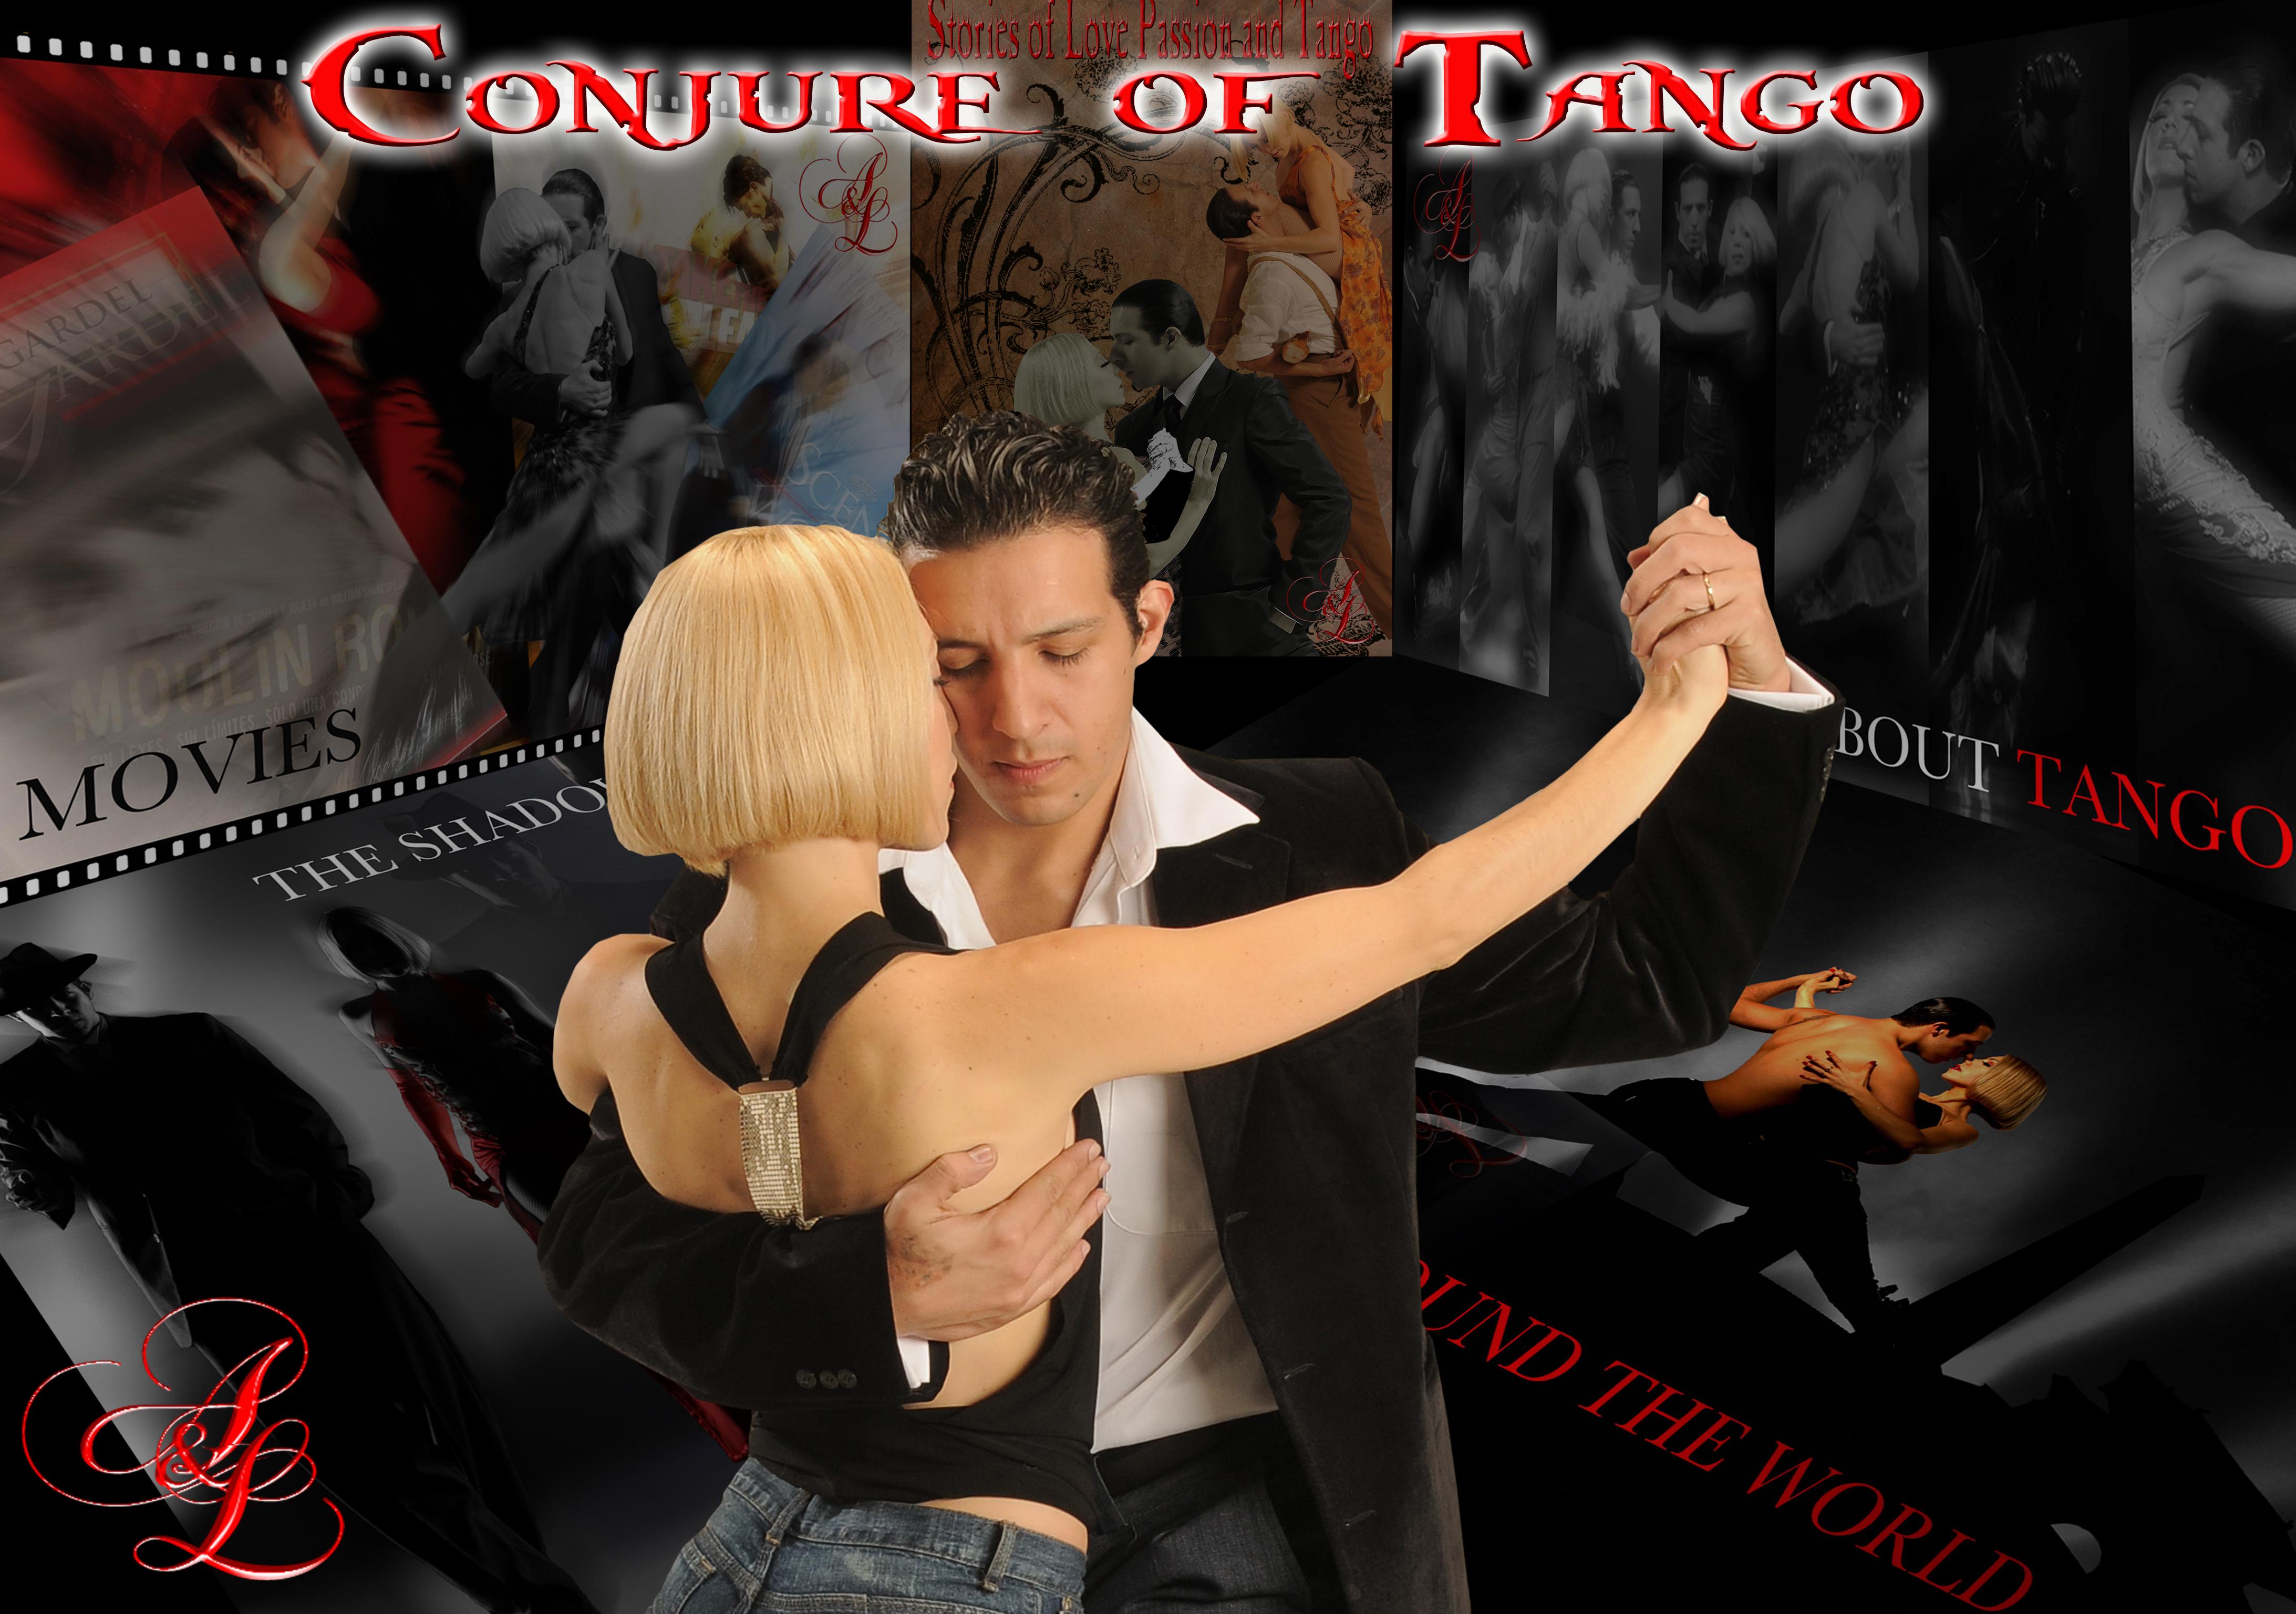 Conjure of Tango